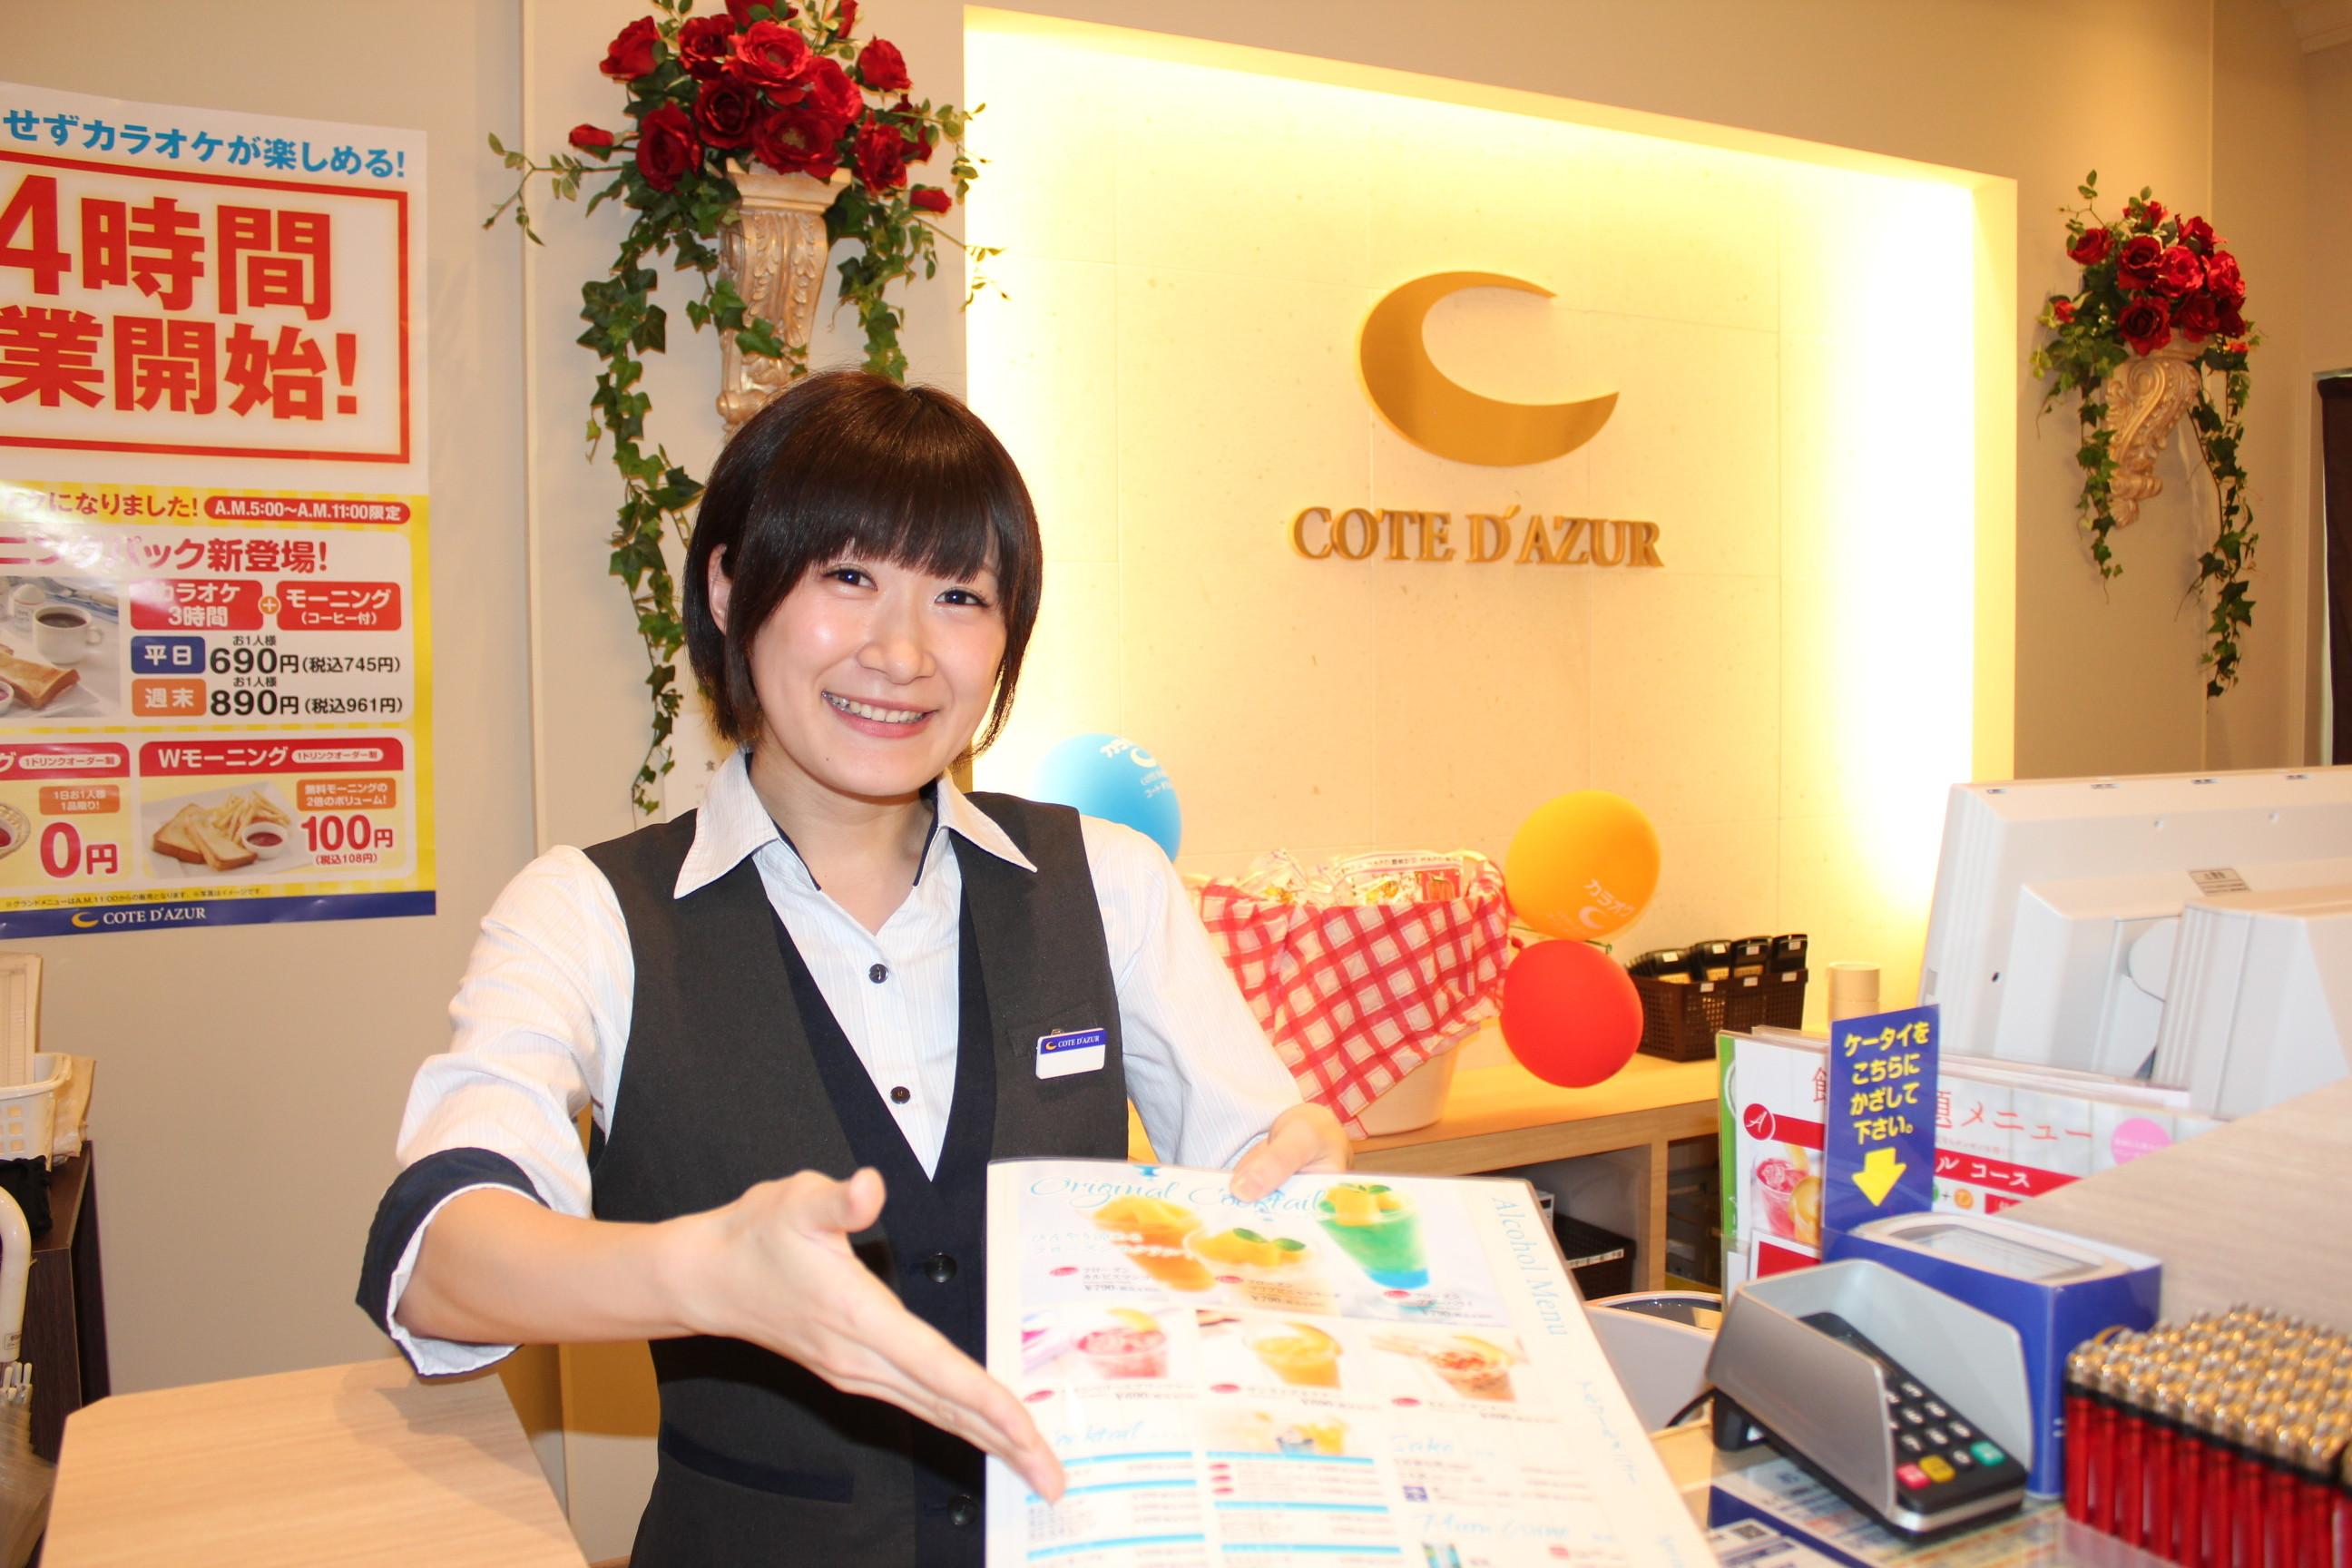 コート・ダジュール 金沢駅東口店 のアルバイト情報